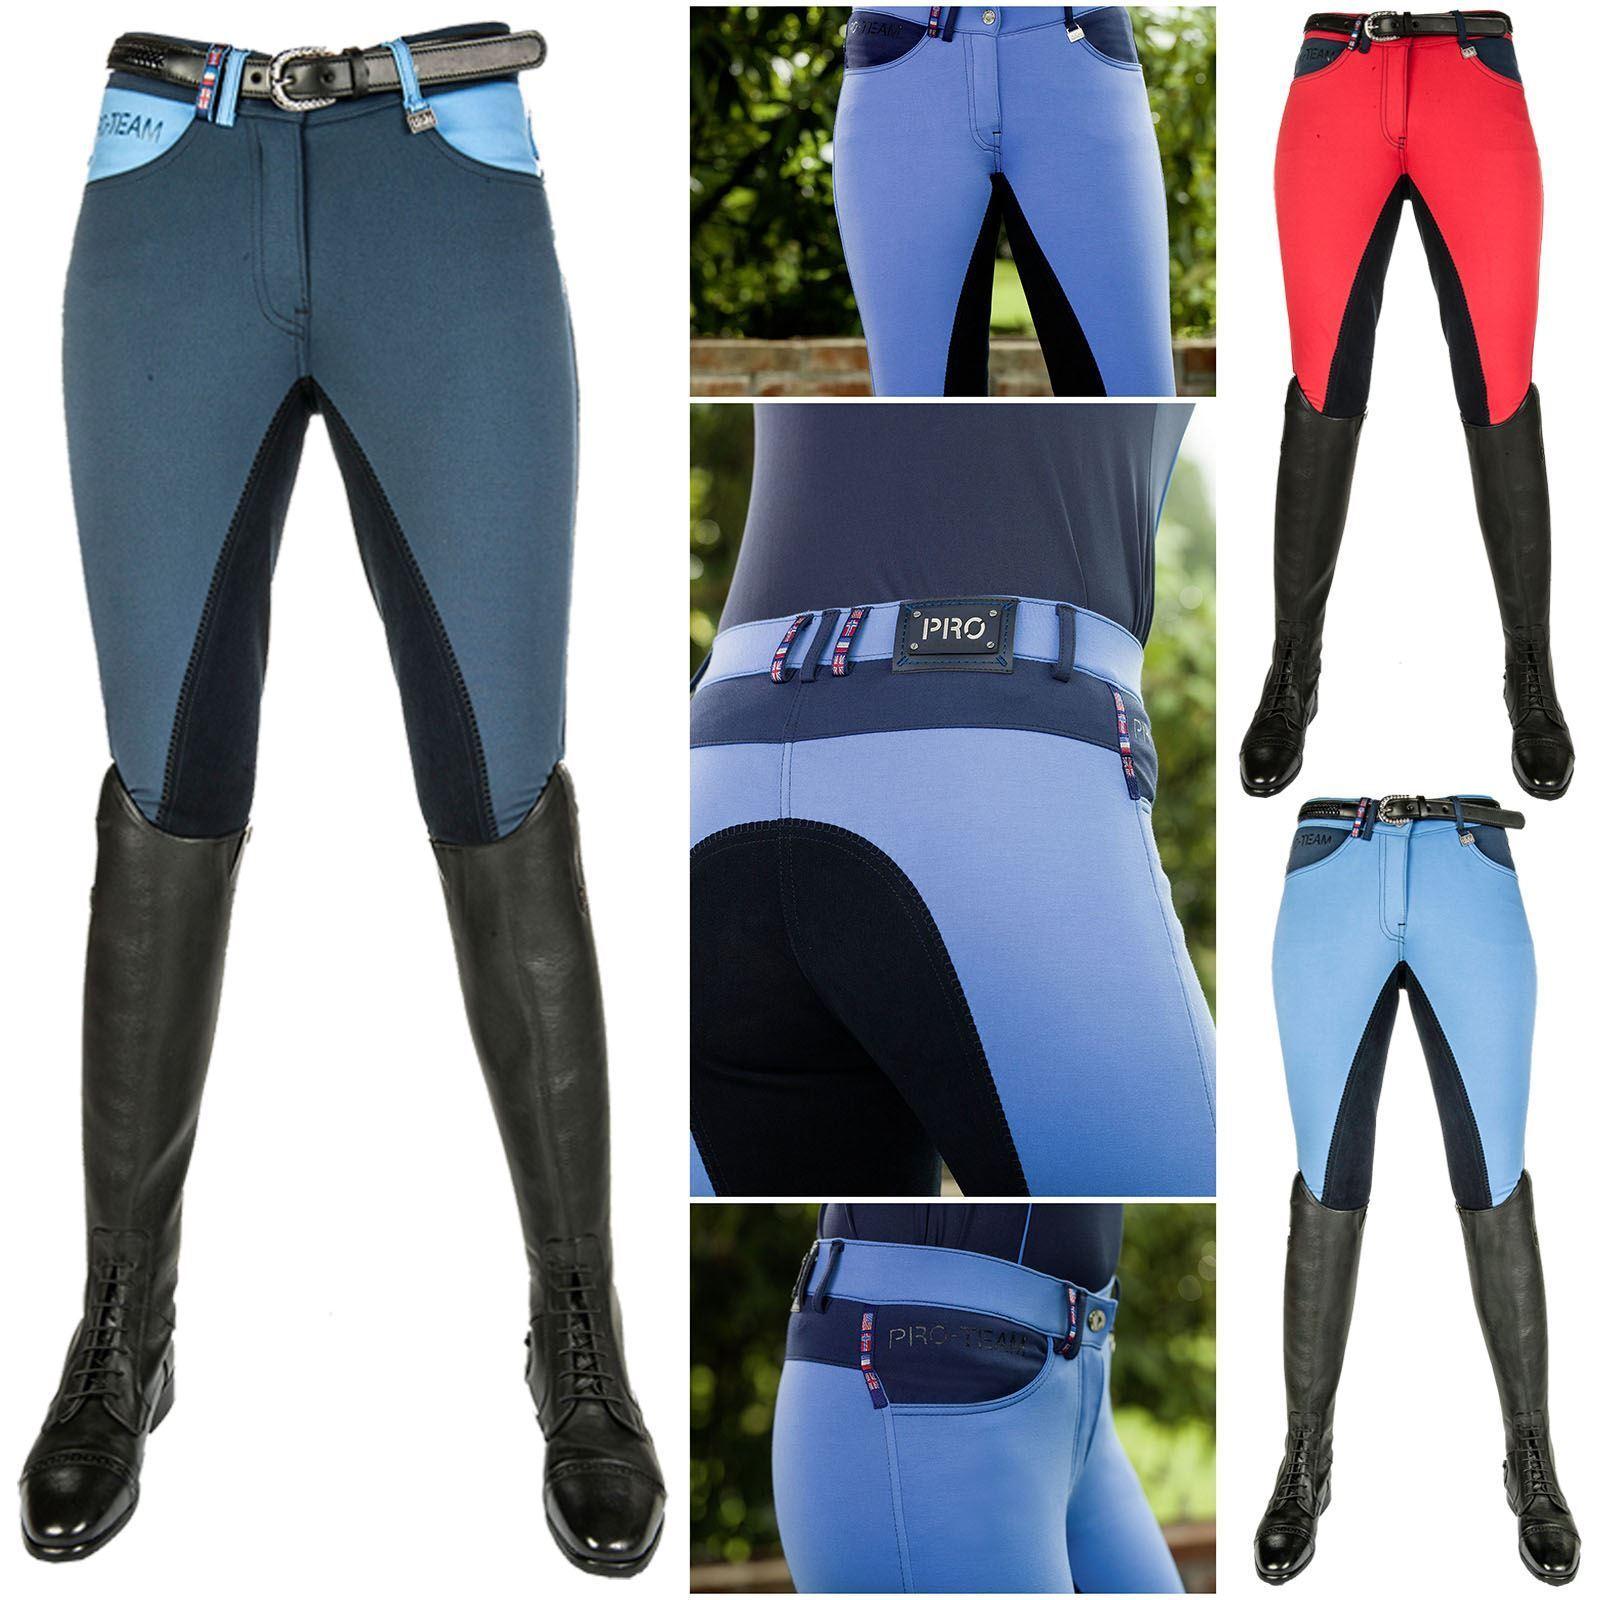 HKM alos para mujer eventos de salto show Suave Bolsillo con cremallera cómoda Jodhpur Pantalones De Montar